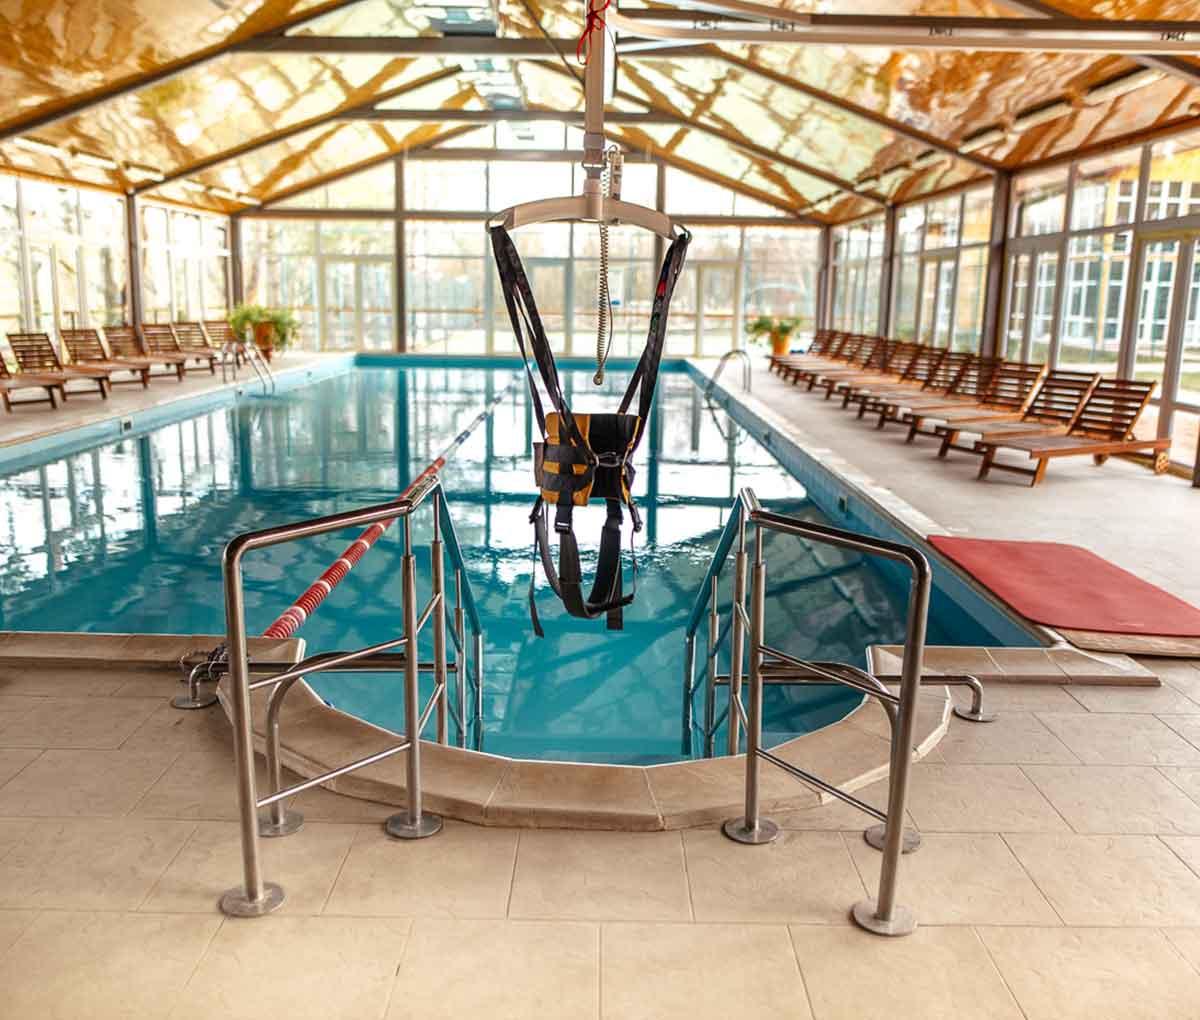 Підйомник для басейну GH1 без пацієнта